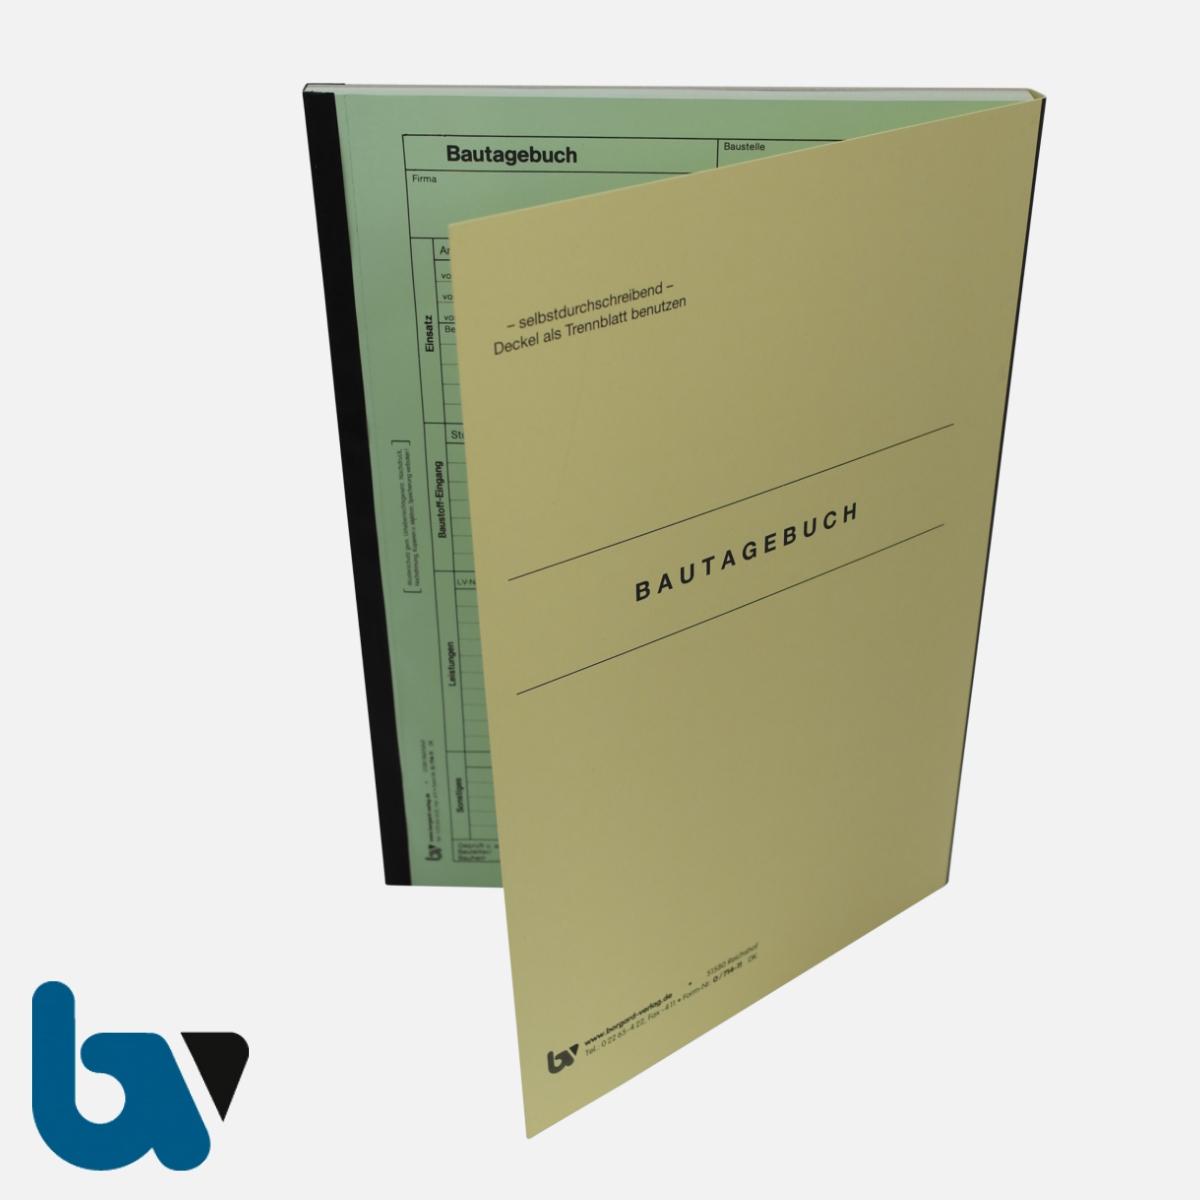 0/714-11 Bautagebuch Arbeit Baustoff Material selbstdurchschreibend 3-fach Einschlagdeckel Durchschreibeschutz Schreibschutzdeckel perforiert DIN A4 Vorderseite | Borgard Verlag GmbH